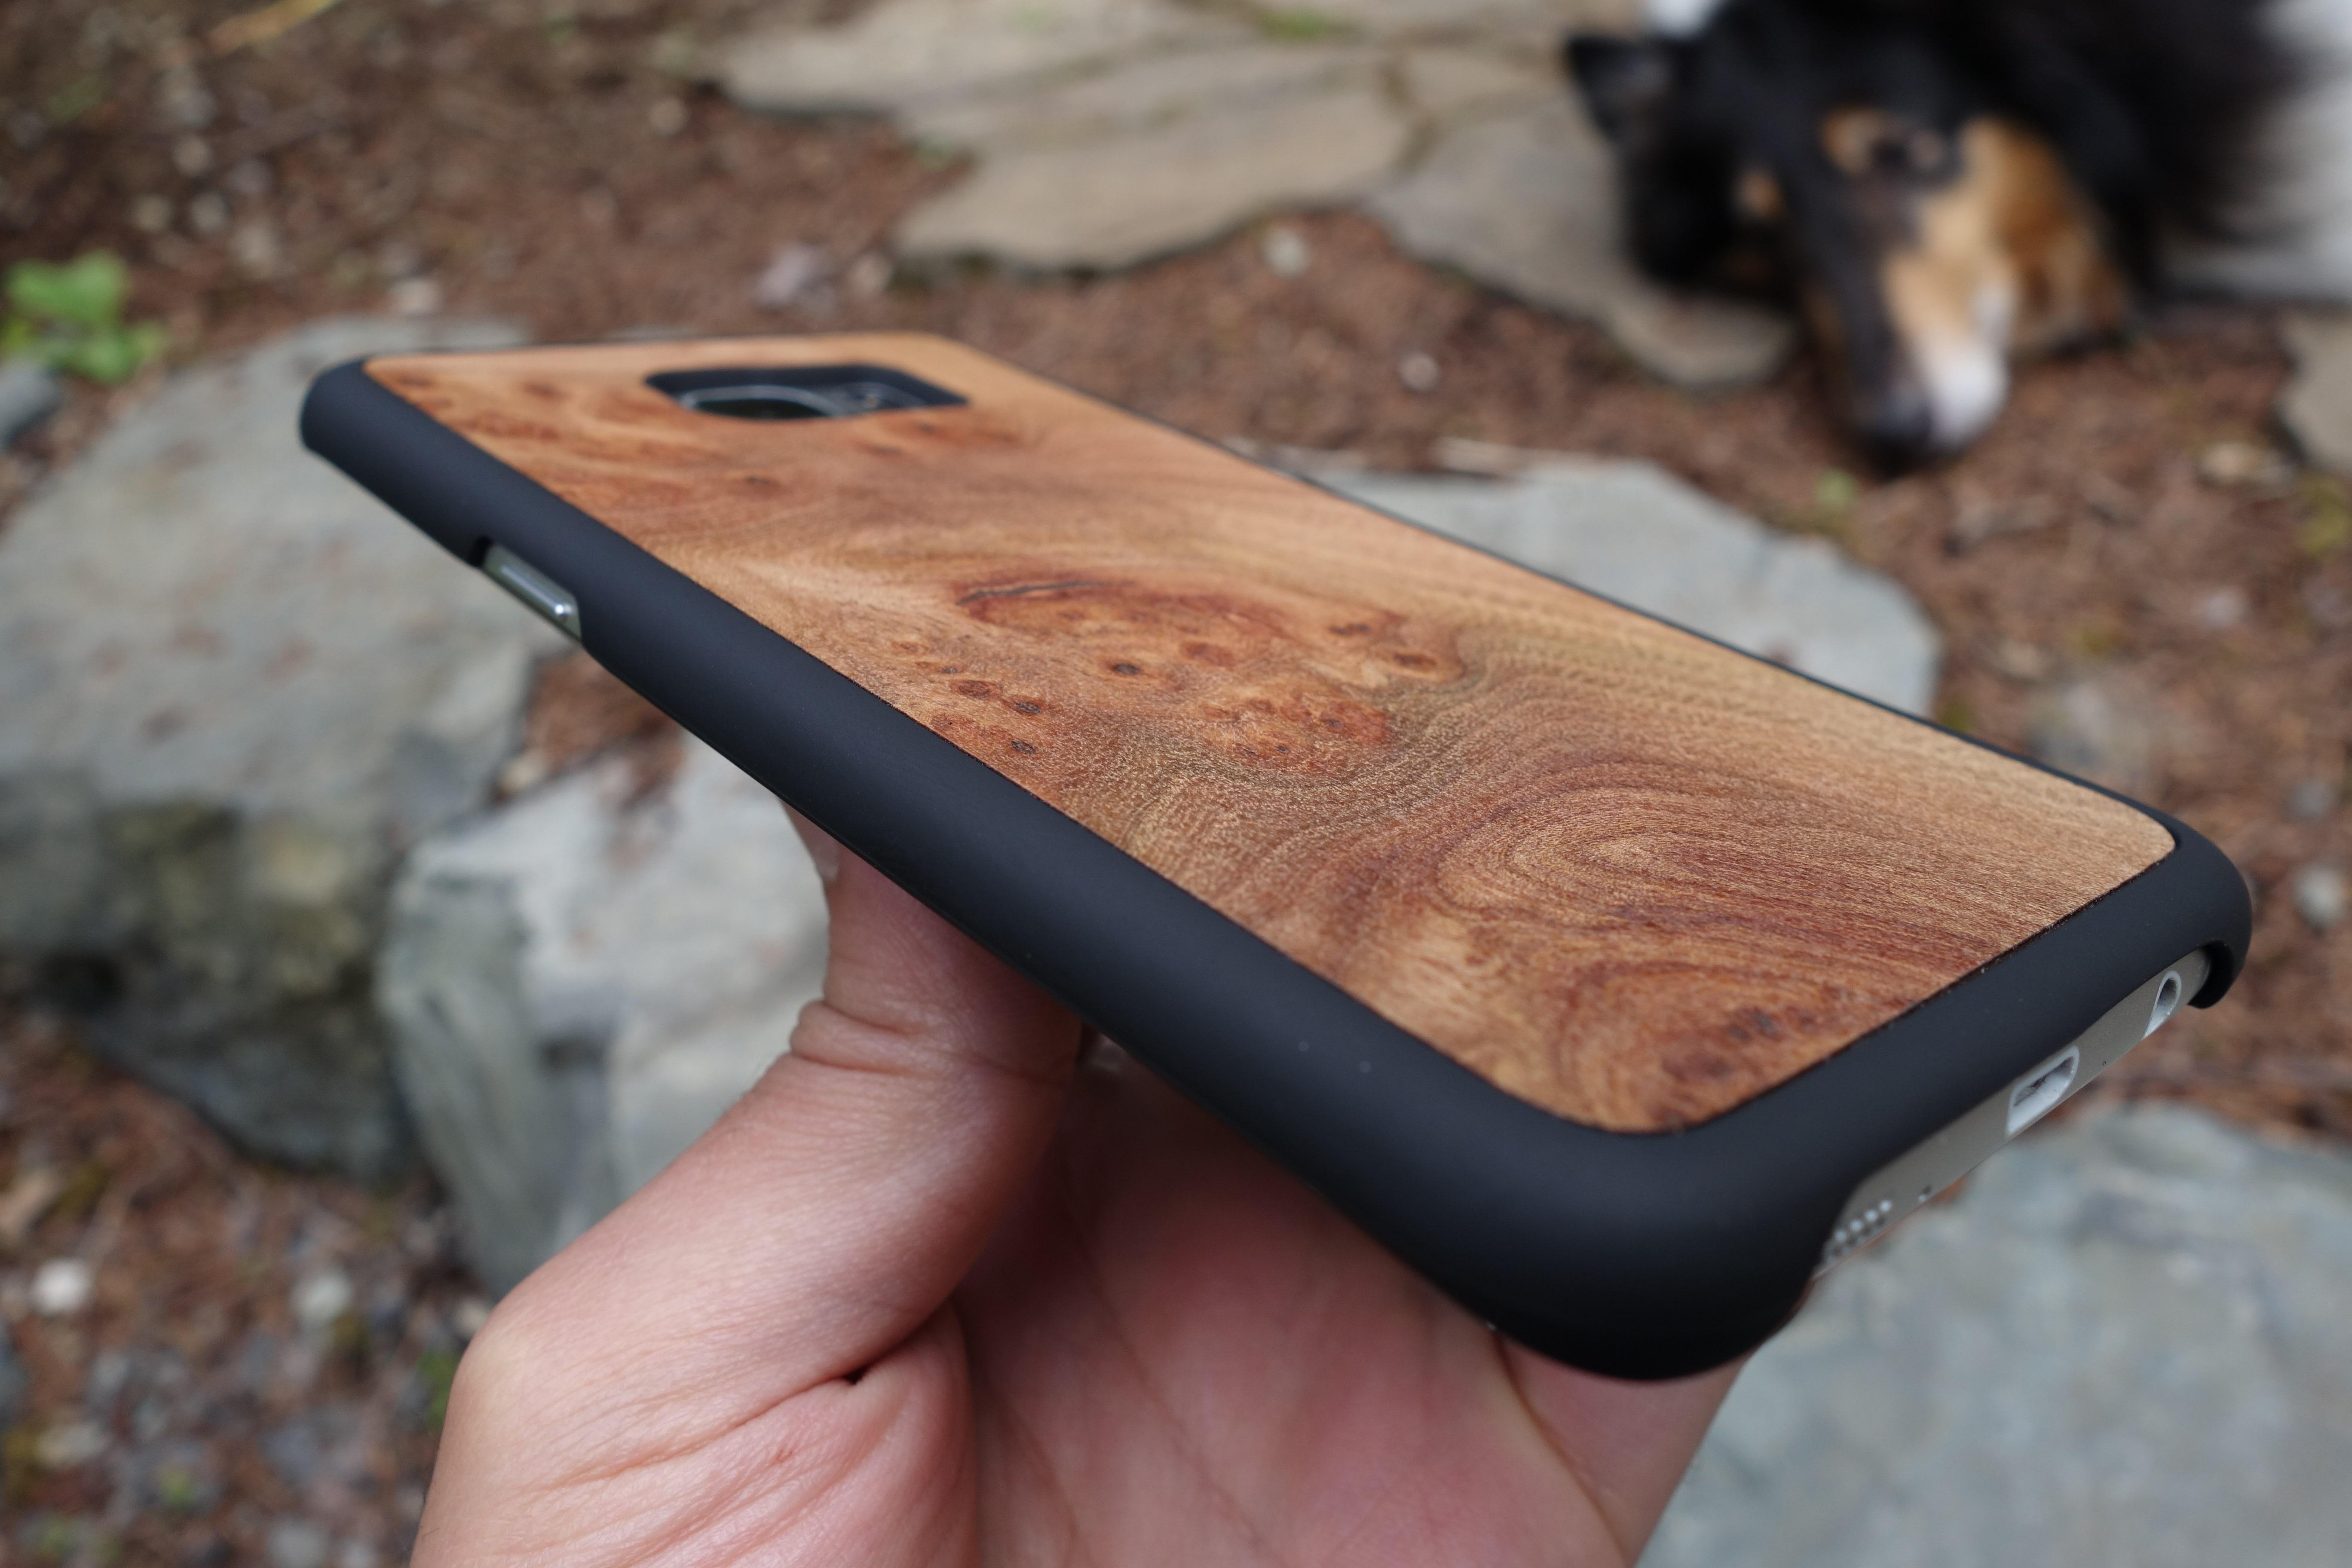 Snap case with Carpathian Elm Burl wood